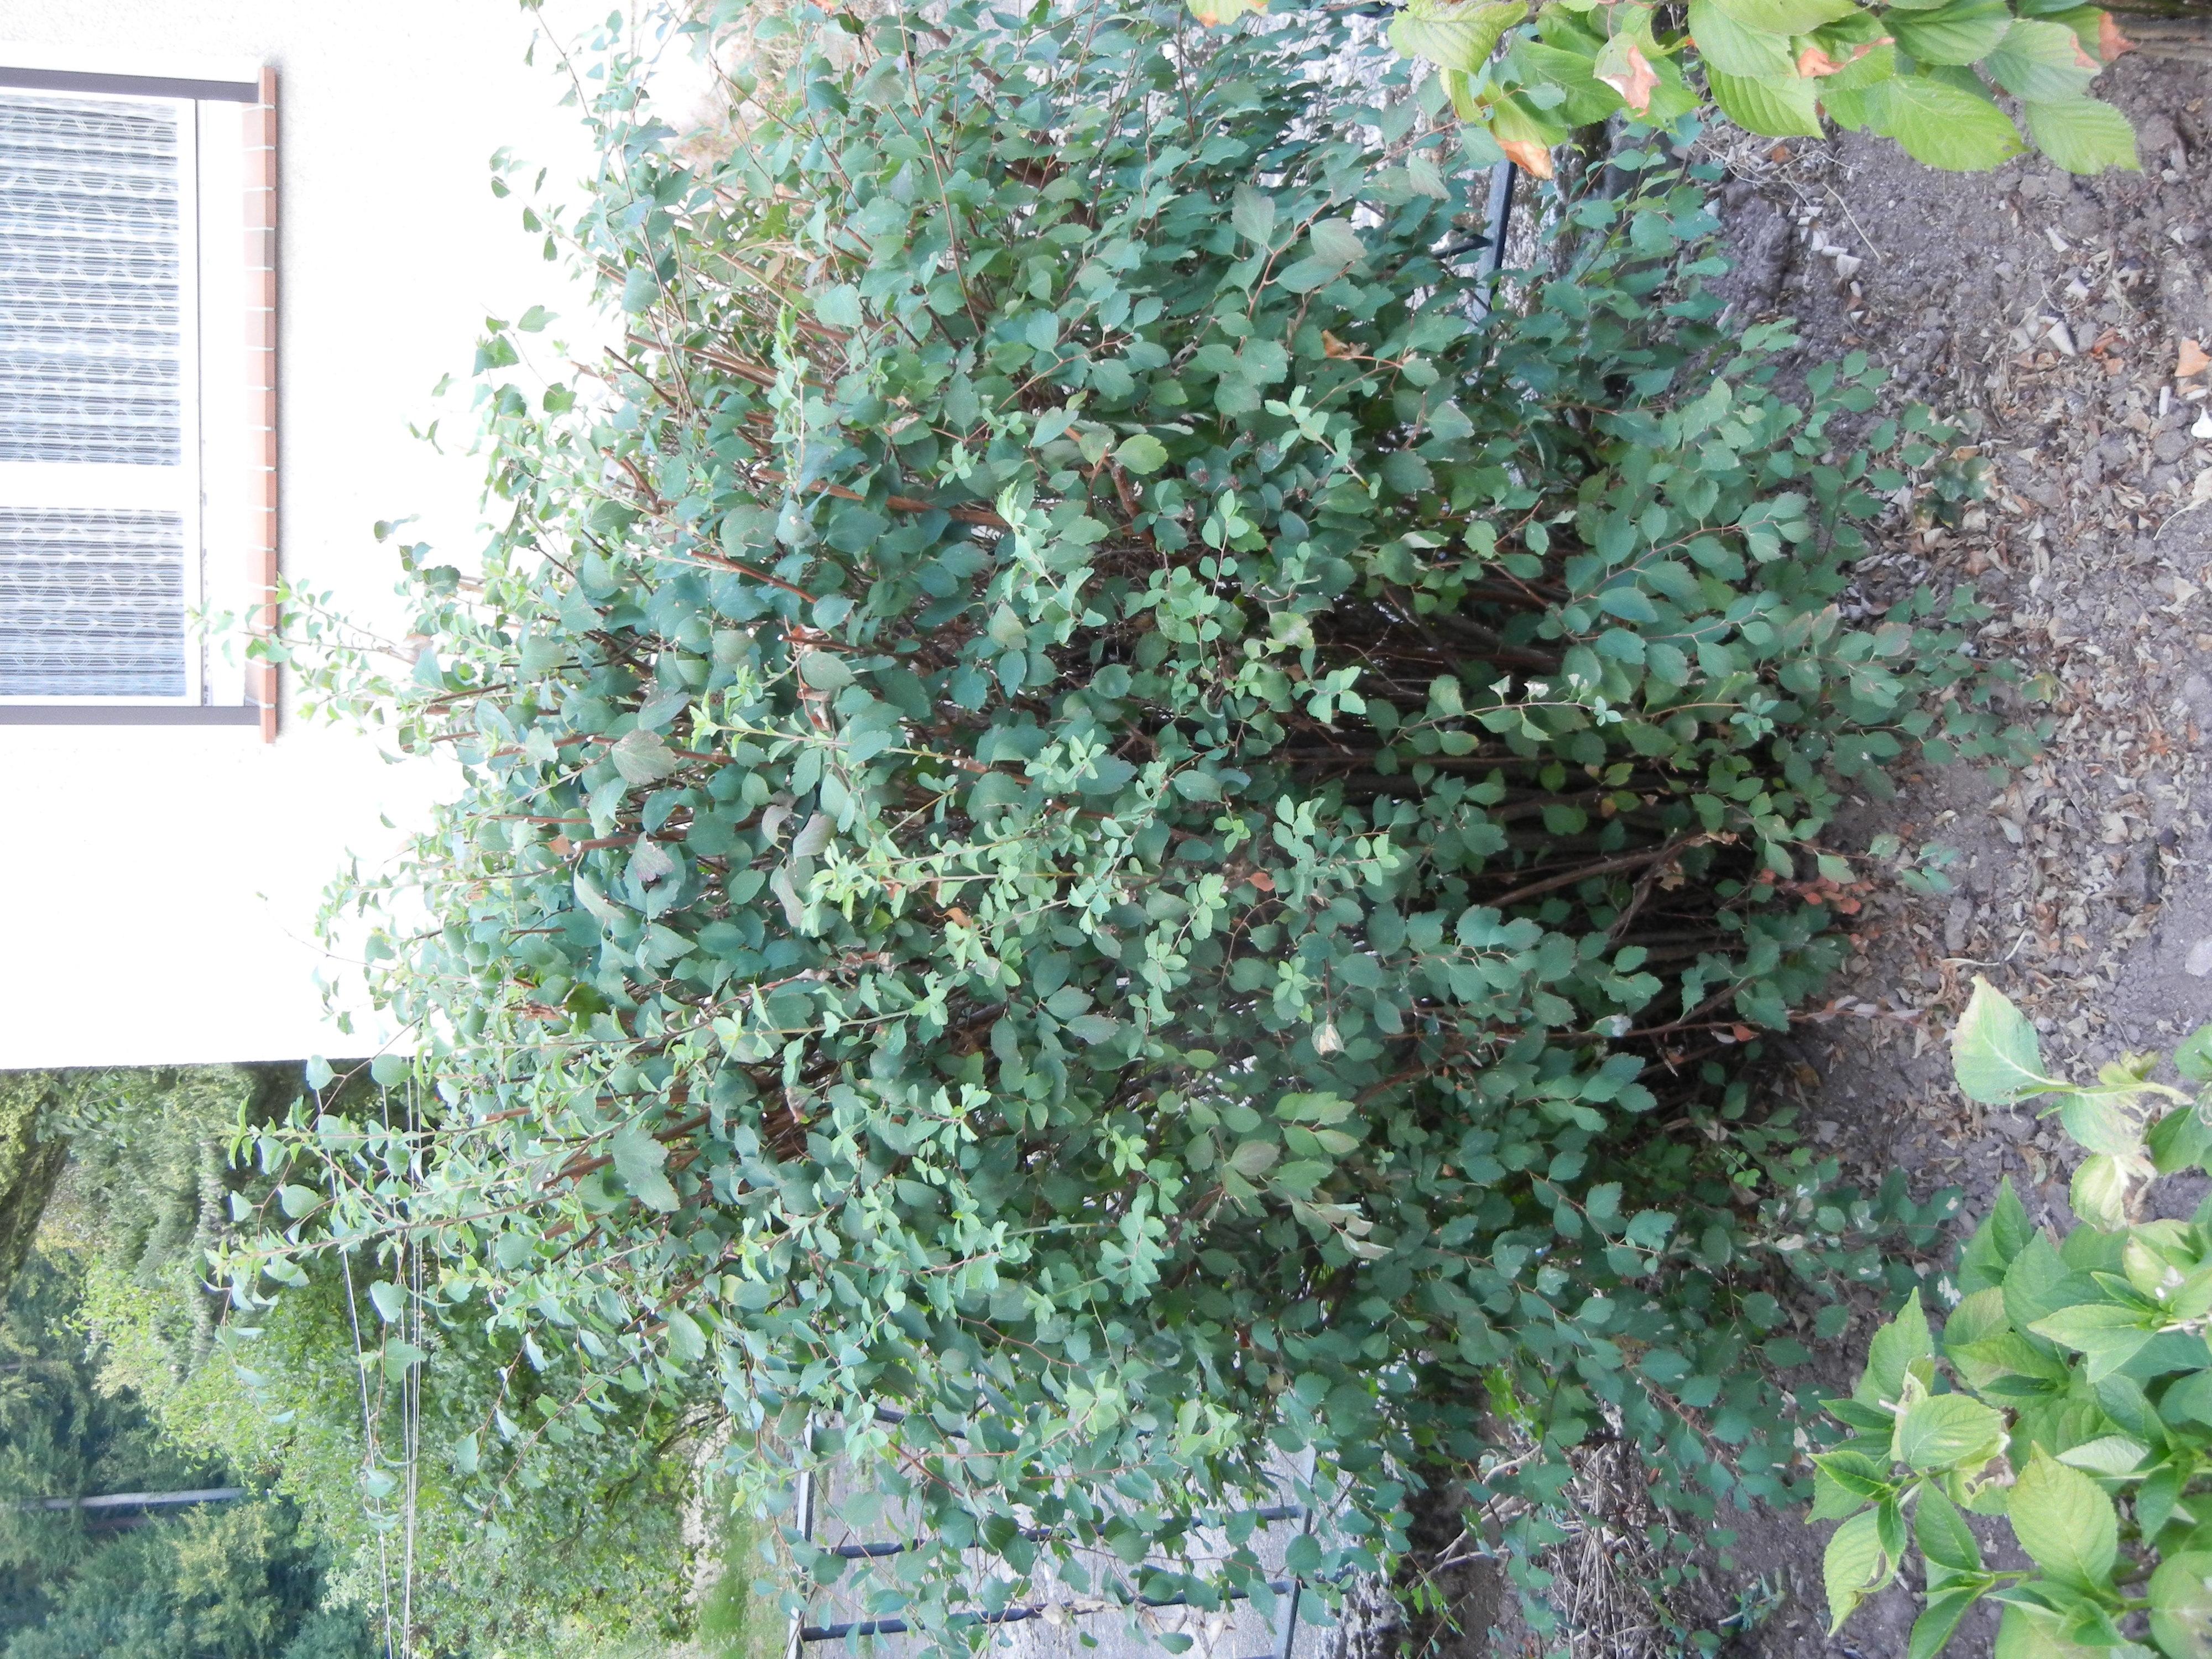 wer kann bei pflanzenbestimmung helfen? (garten, pflanzen, grün)